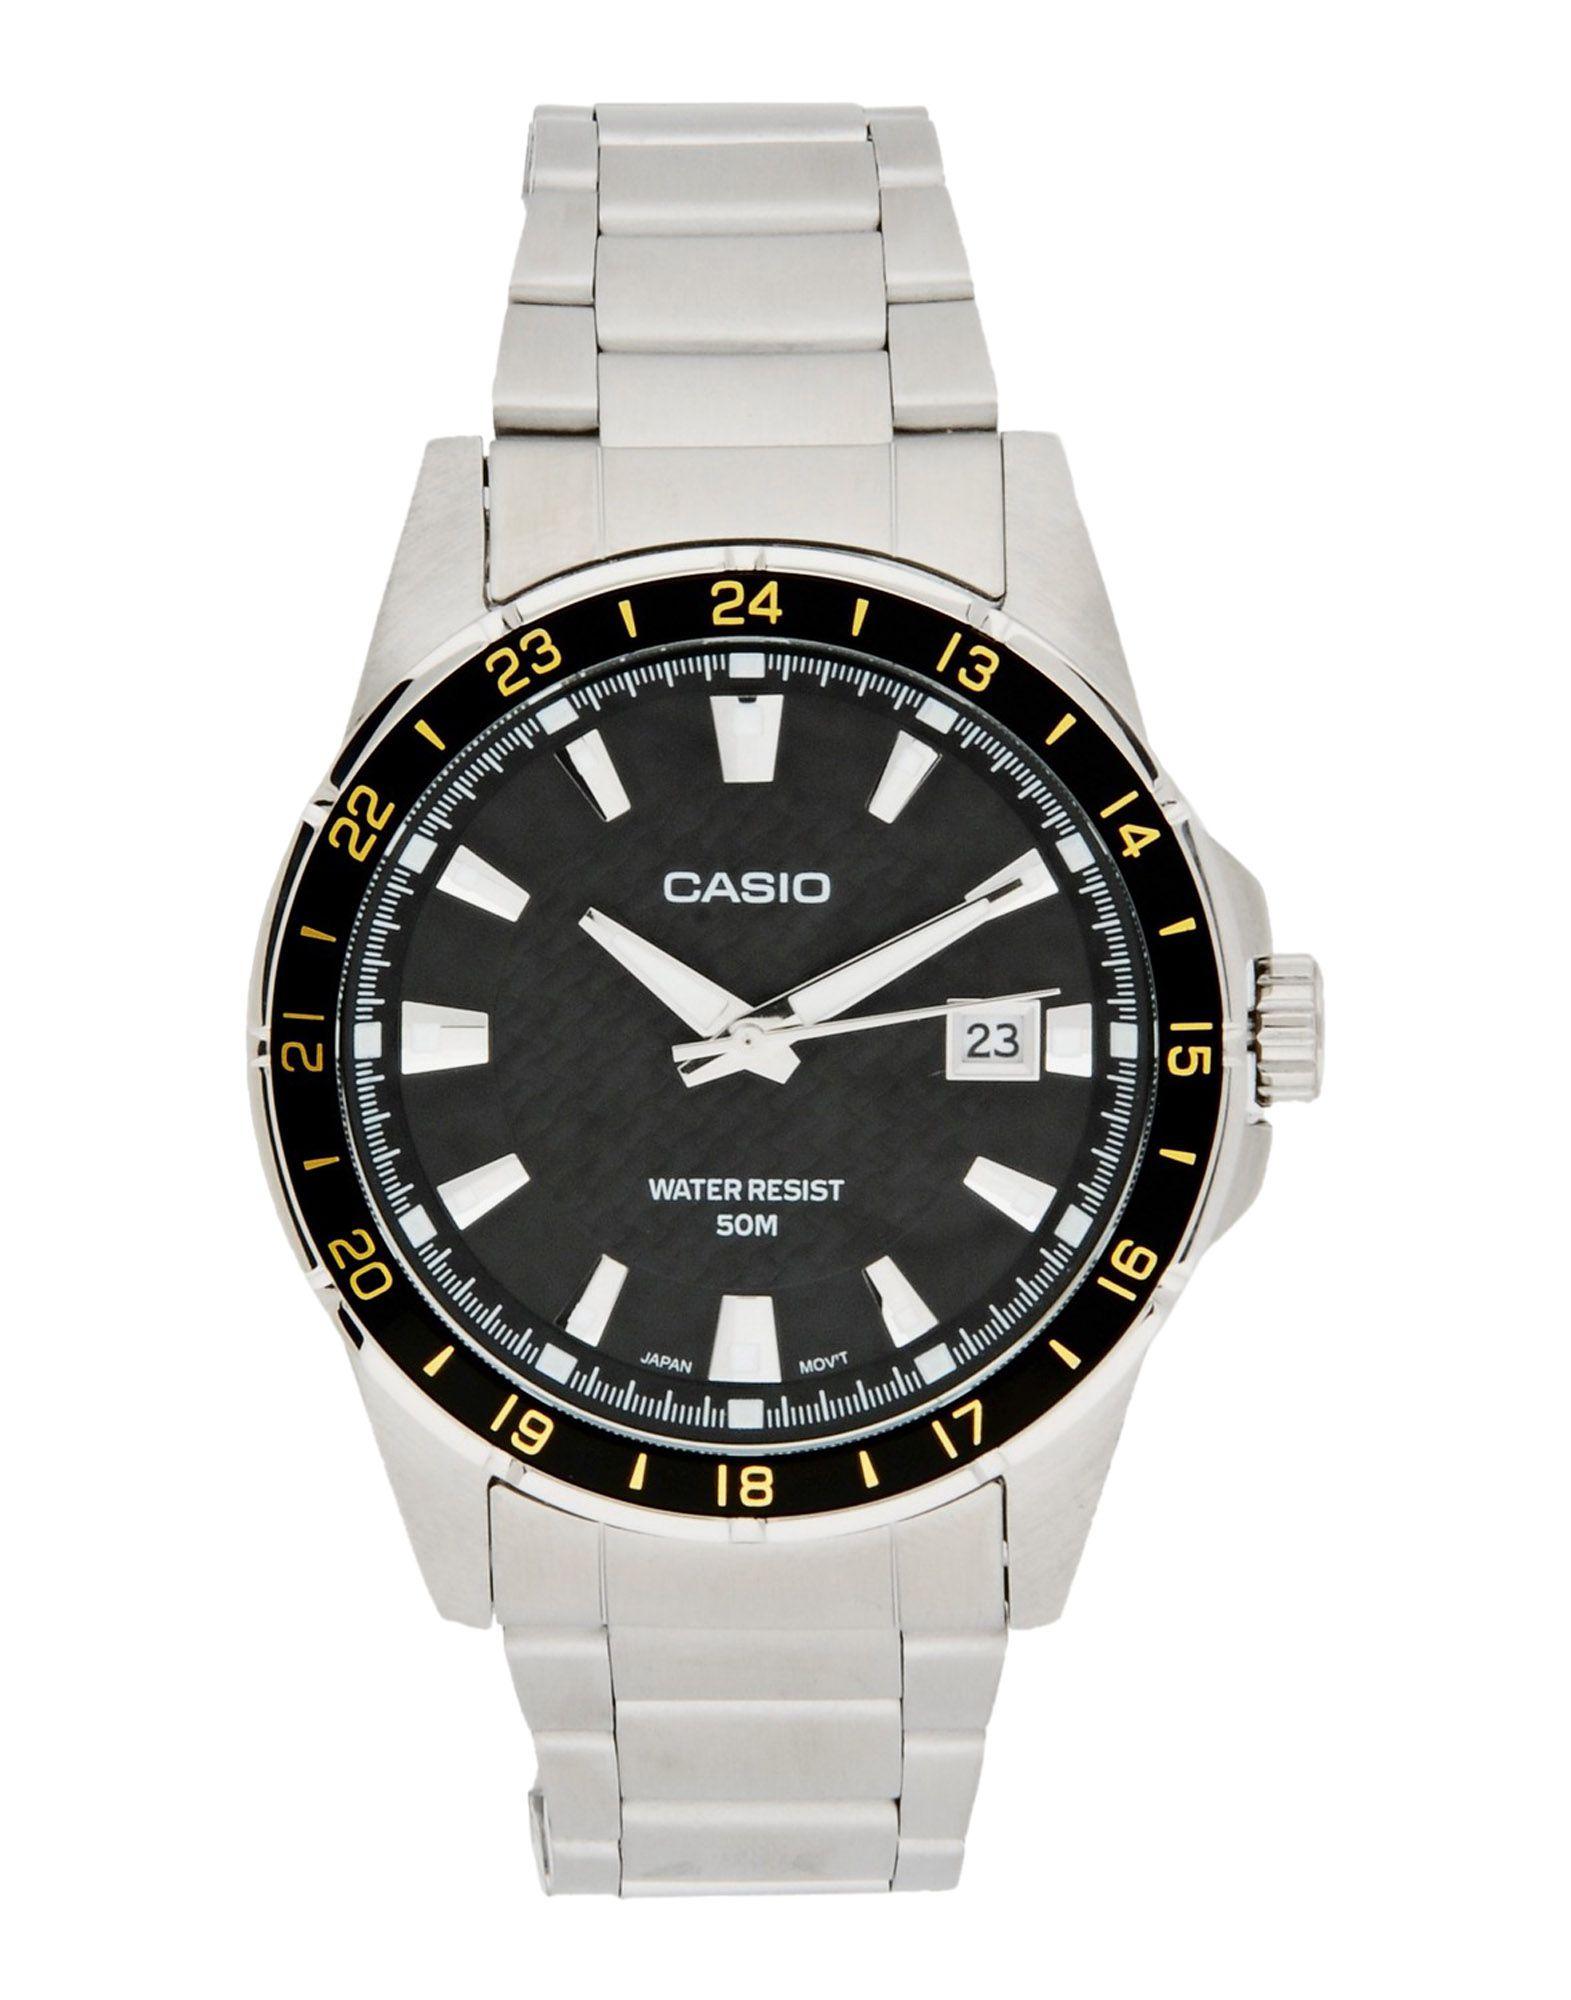 CASIO メンズ 腕時計 ブラック ステンレススチール MTP-1290D-1A2 COLLECTION